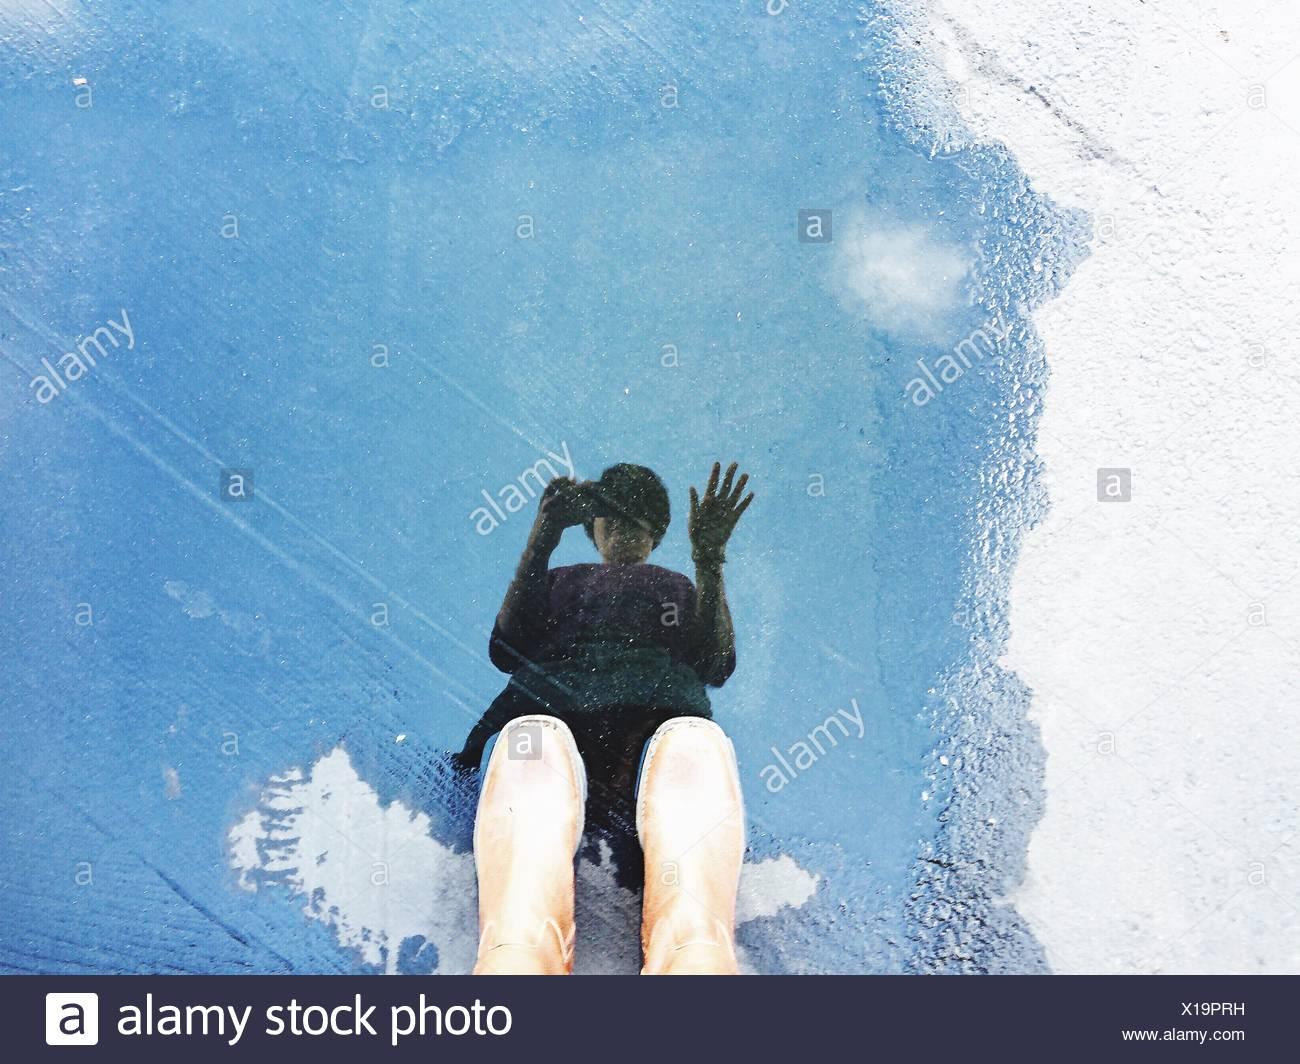 La reflexión de la persona en el agua Imagen De Stock